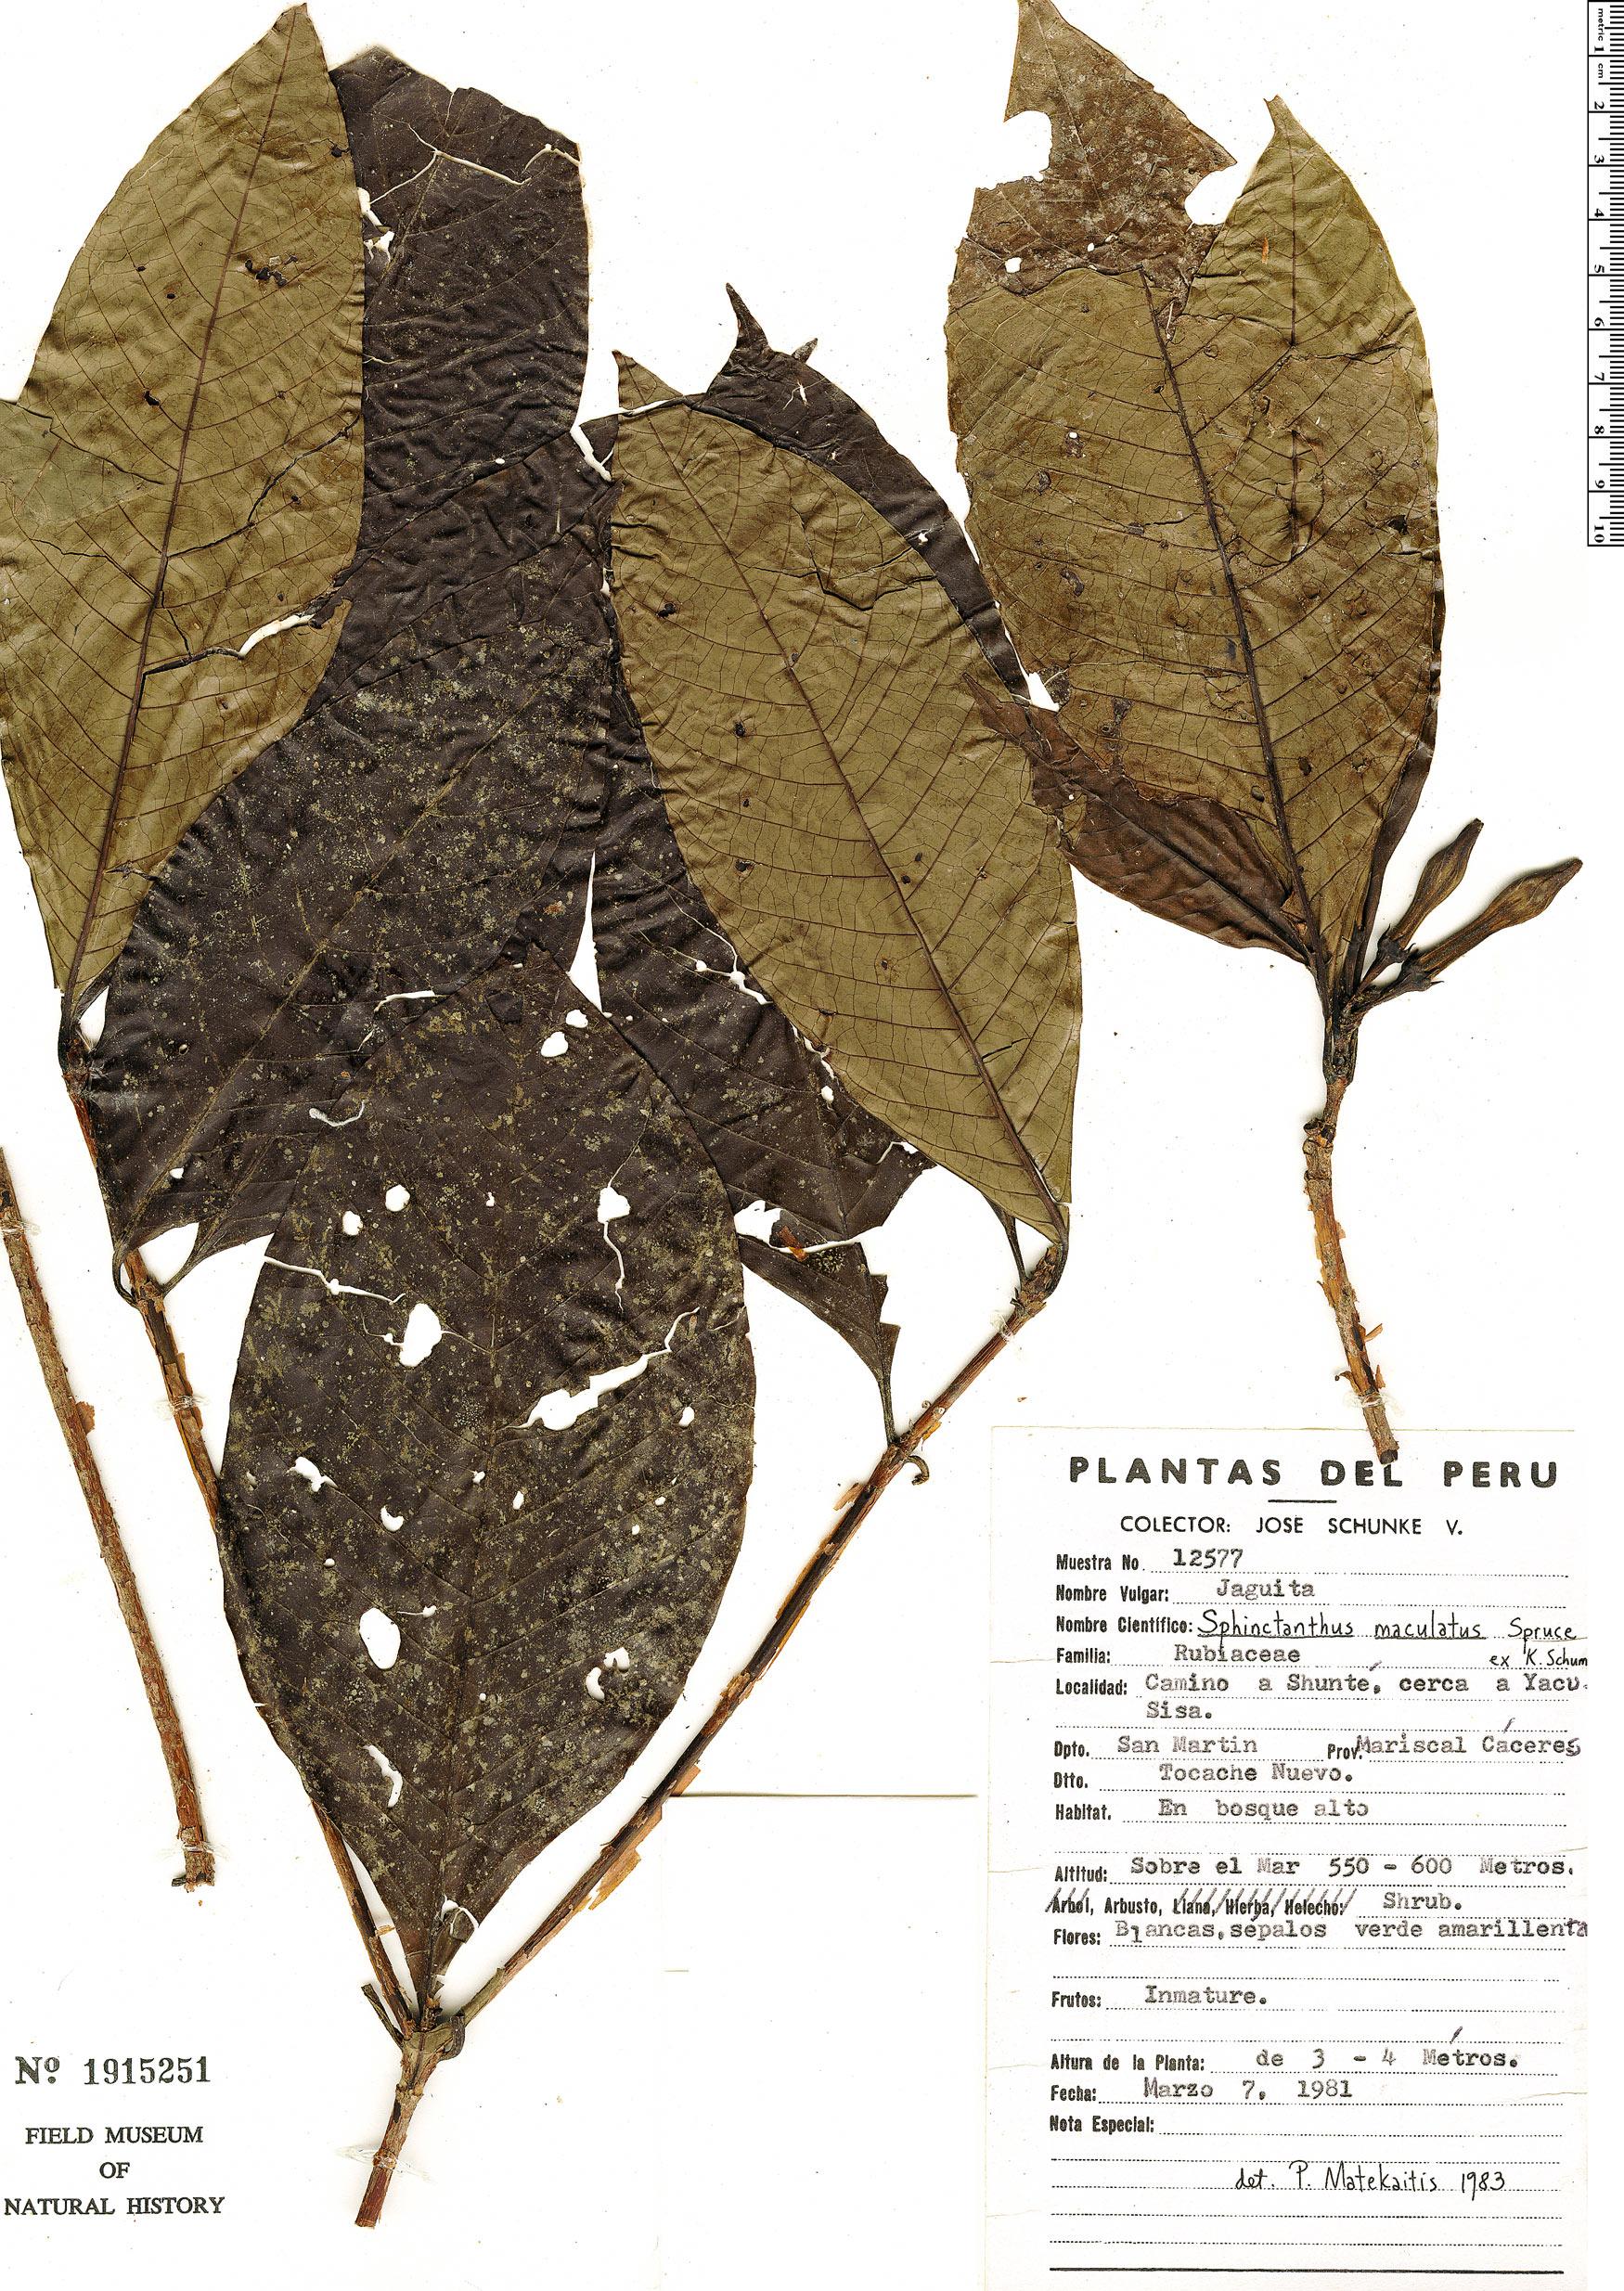 Specimen: Sphinctanthus maculatus